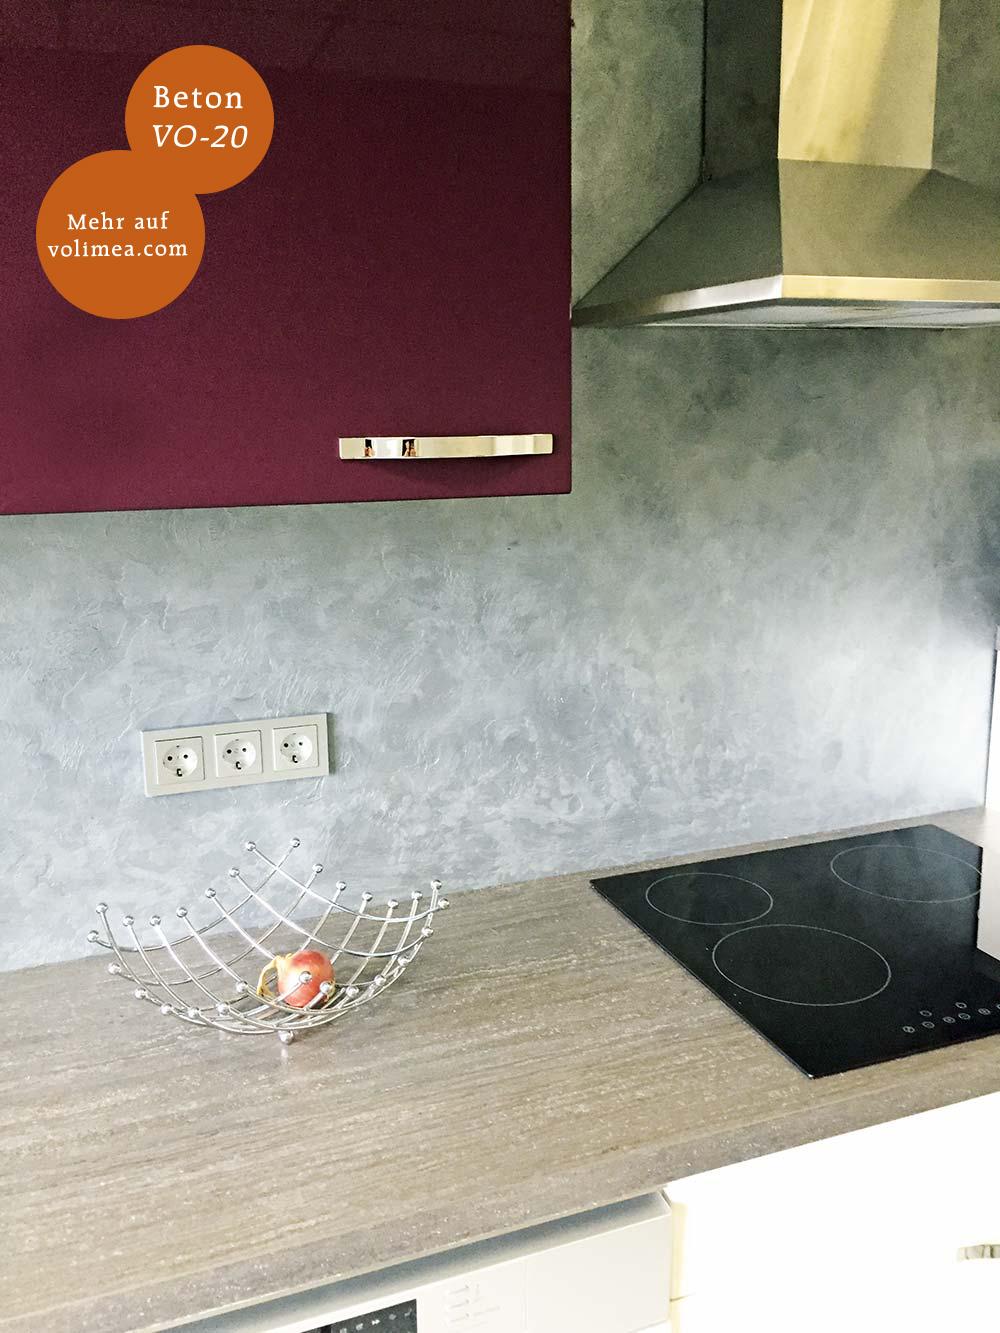 Volimea Wandbeschichtung im Küchenbereich Beton-VO-20